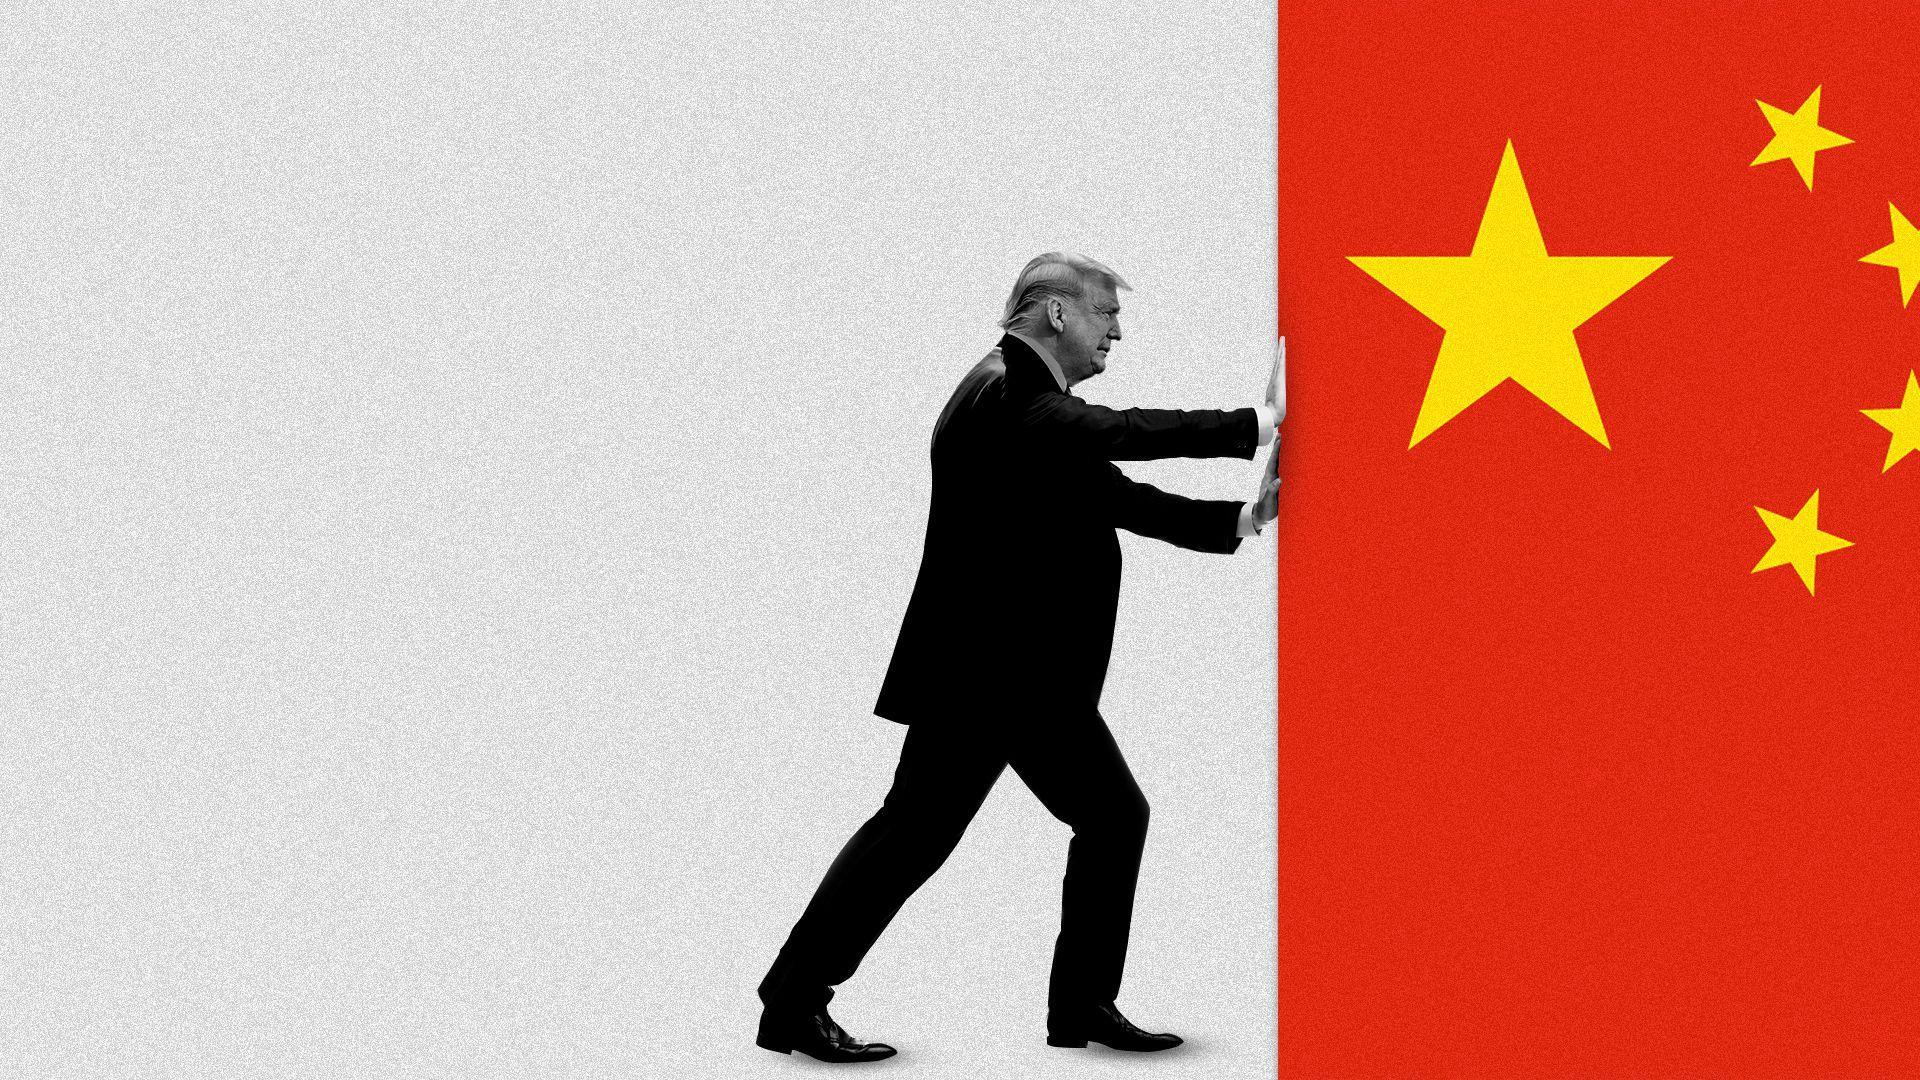 Иллюстрация президента Трампа, убирающего китайский флаг с экрана.